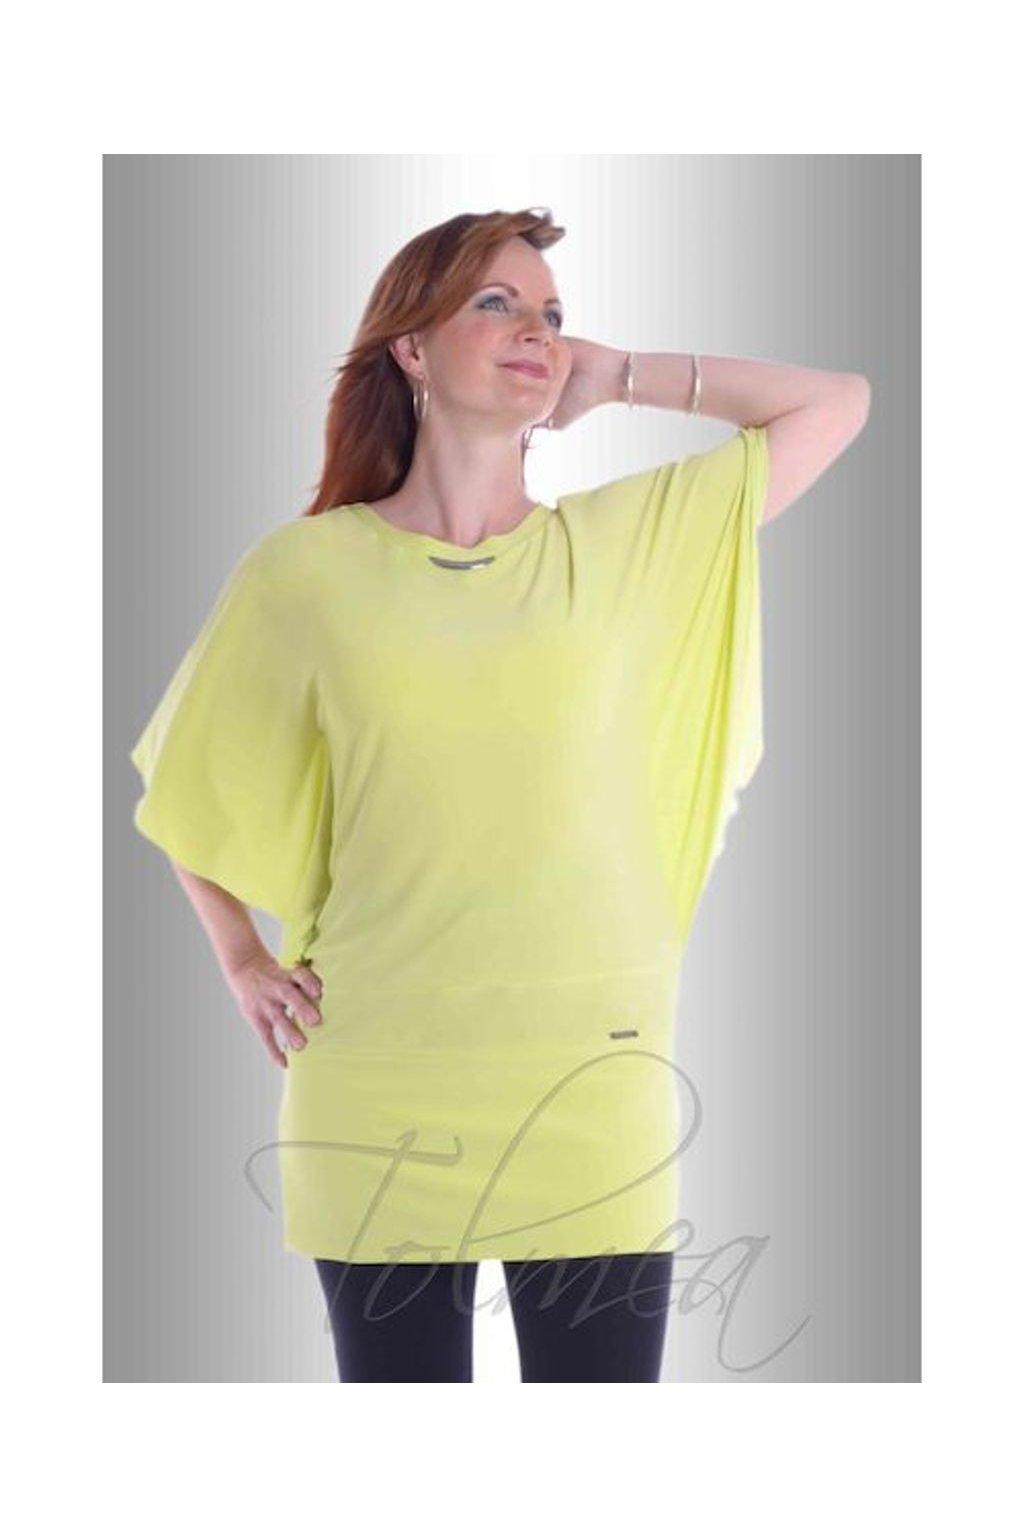 Kimono společenské volné 8917 (Velikost 36, Barva Žlutá)